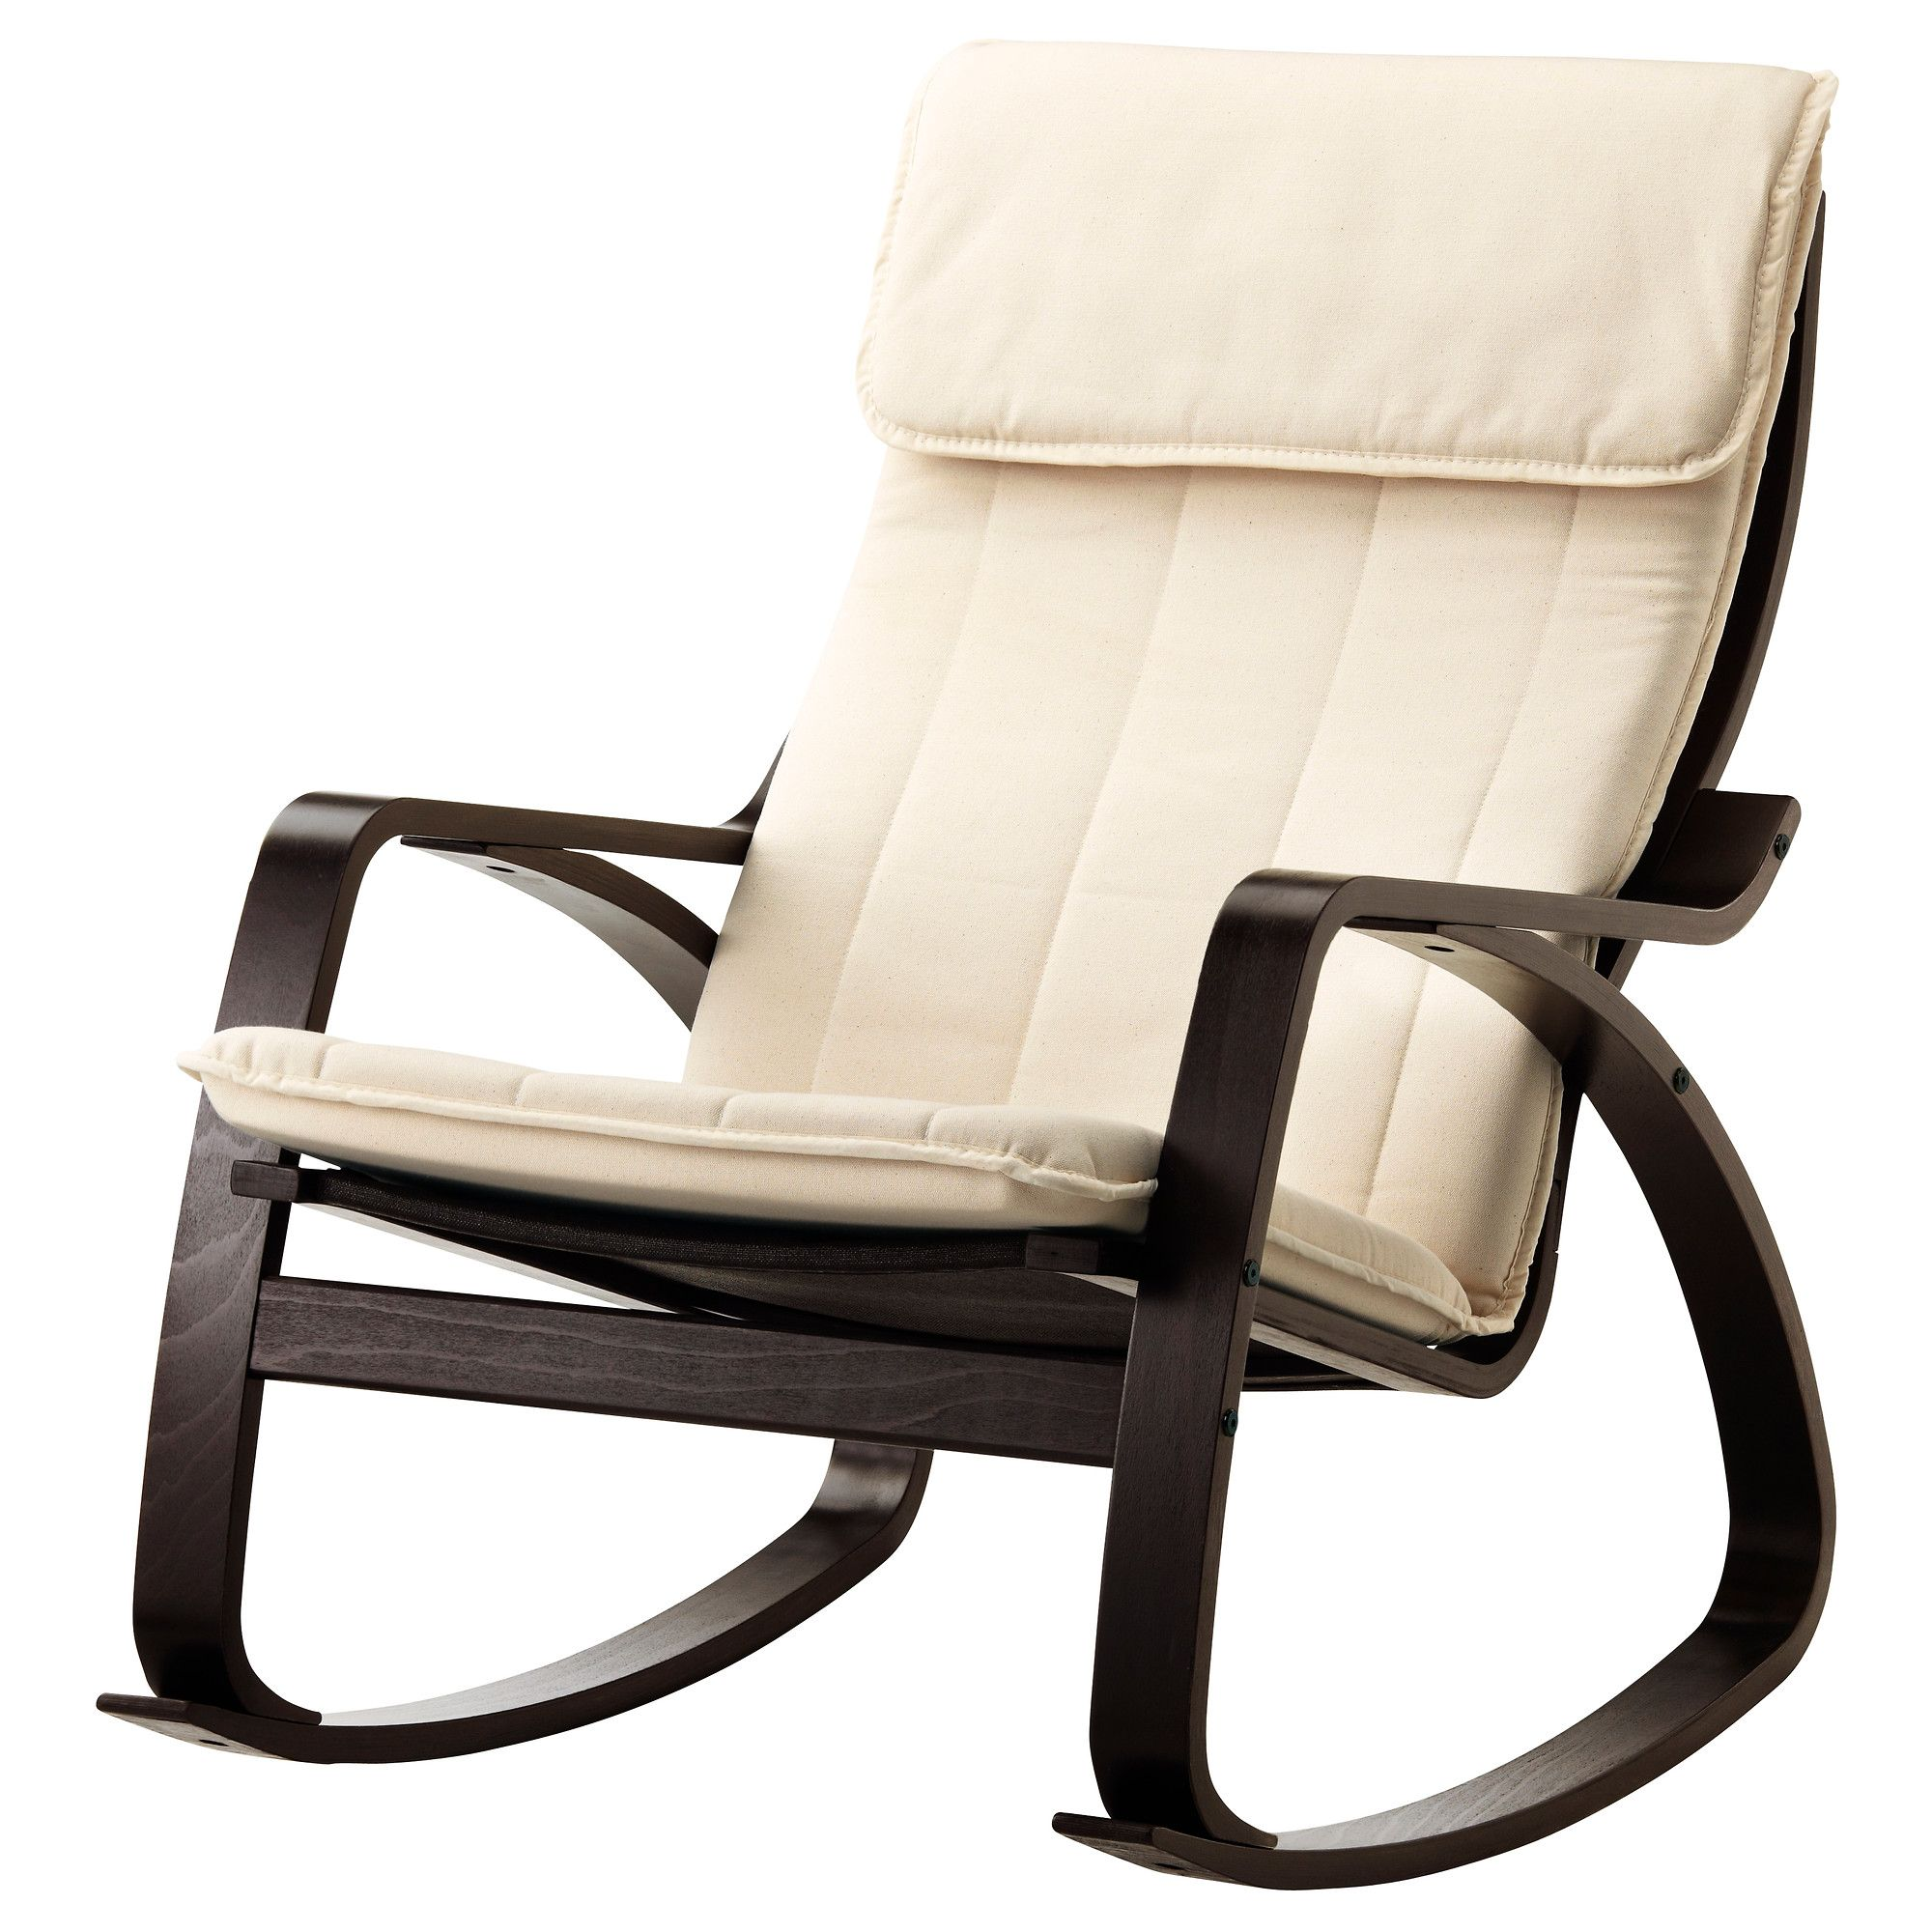 Mobilier Et Decoration Interieur Et Exterieur Chaise A Bascule Fauteuil A Bascule Et Ikea